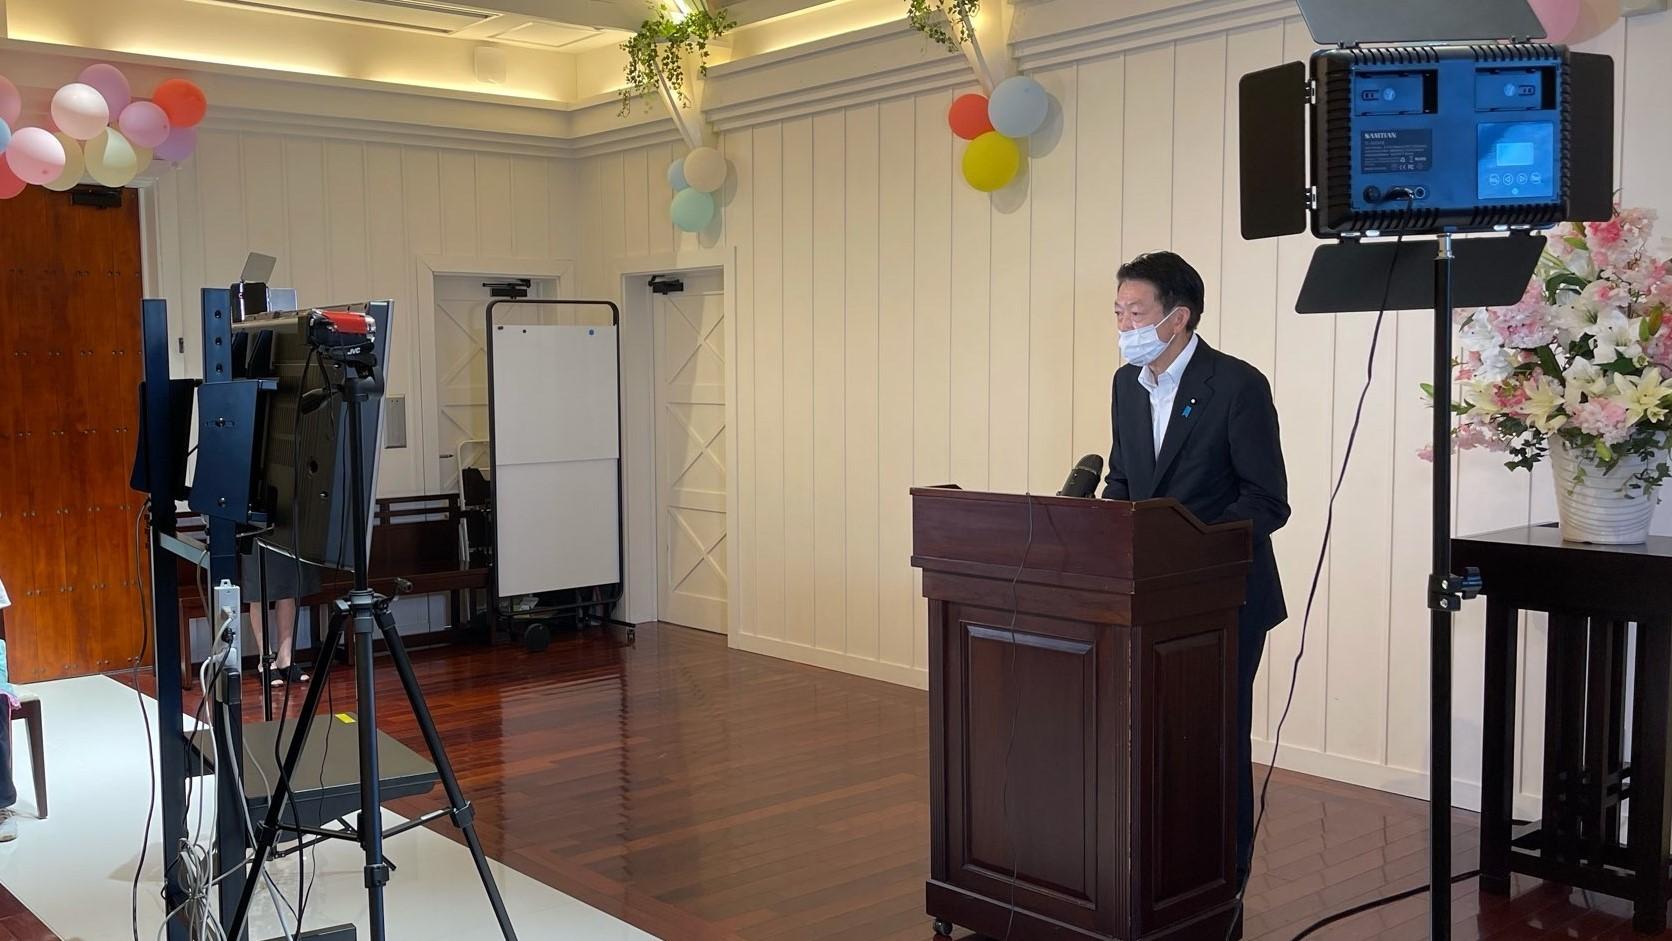 武藤容治先生が激励訪問にお越しくださいました_e0138299_15480176.jpg